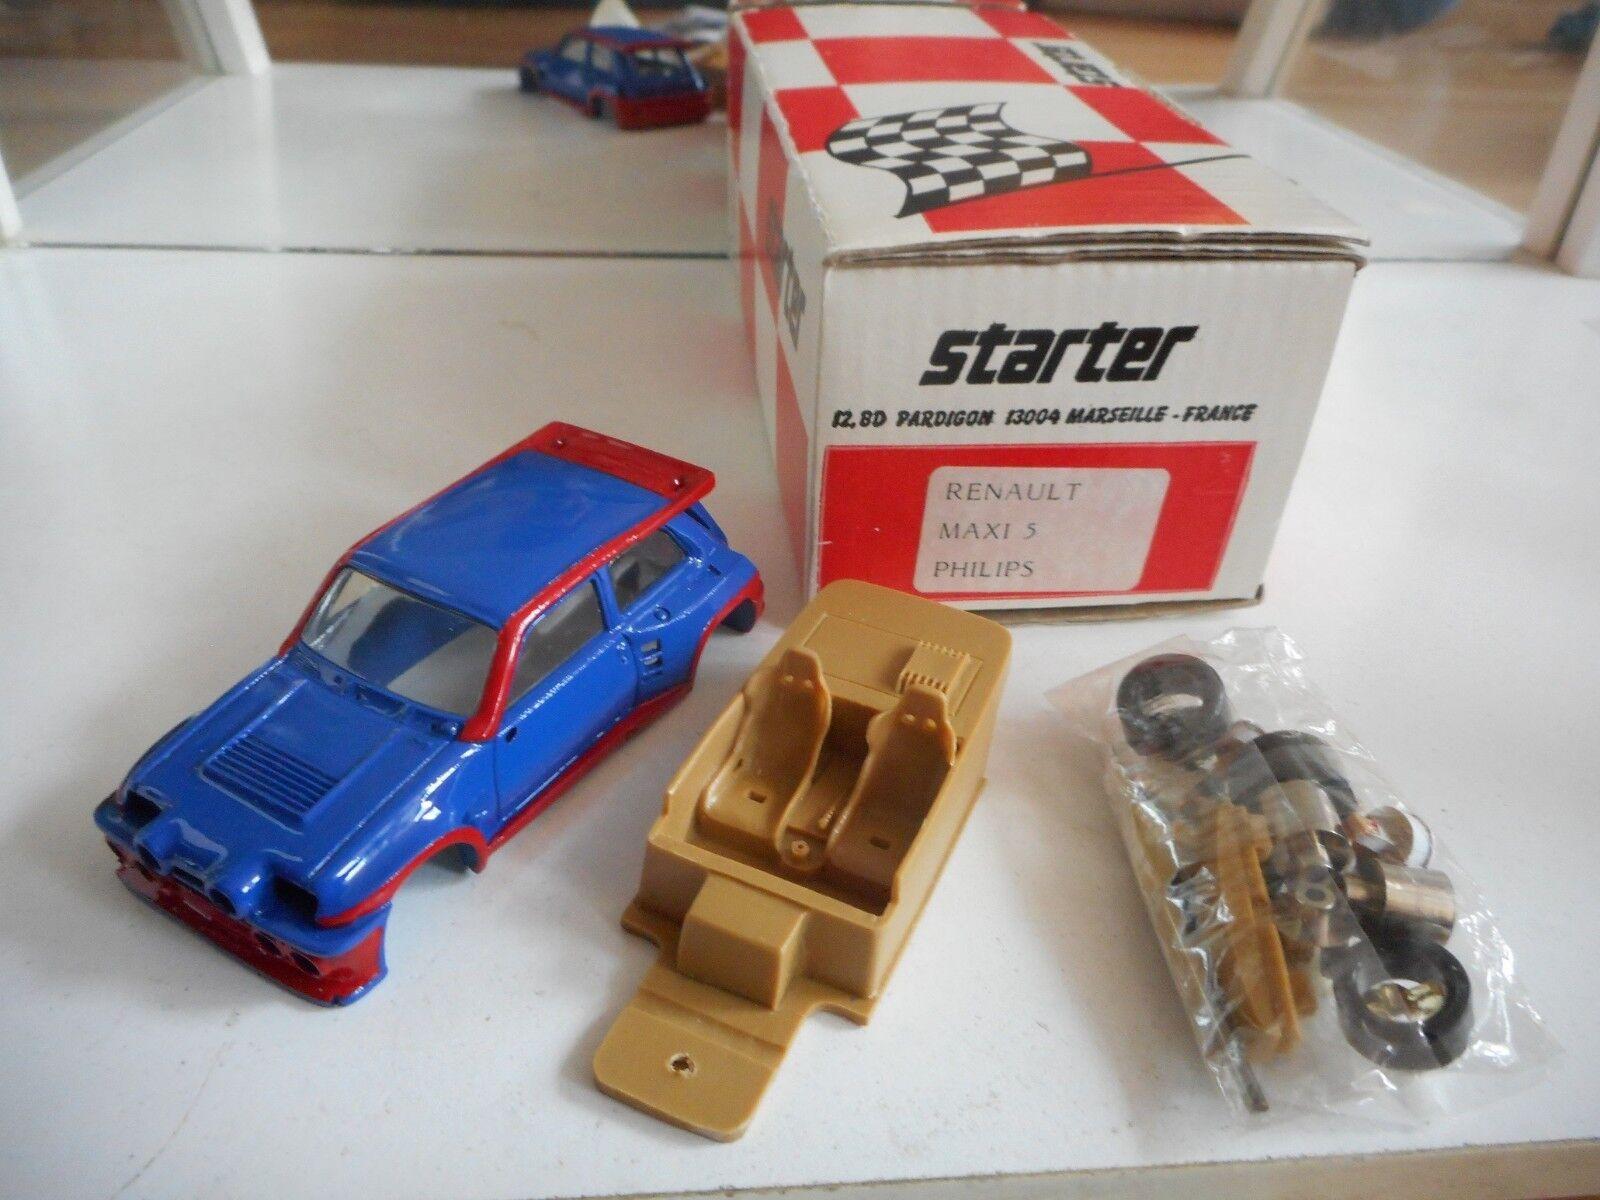 Resin Modelkit Starter Starter Starter Renault Maxi 5 Philips on 1 43 in Box 4a7a36